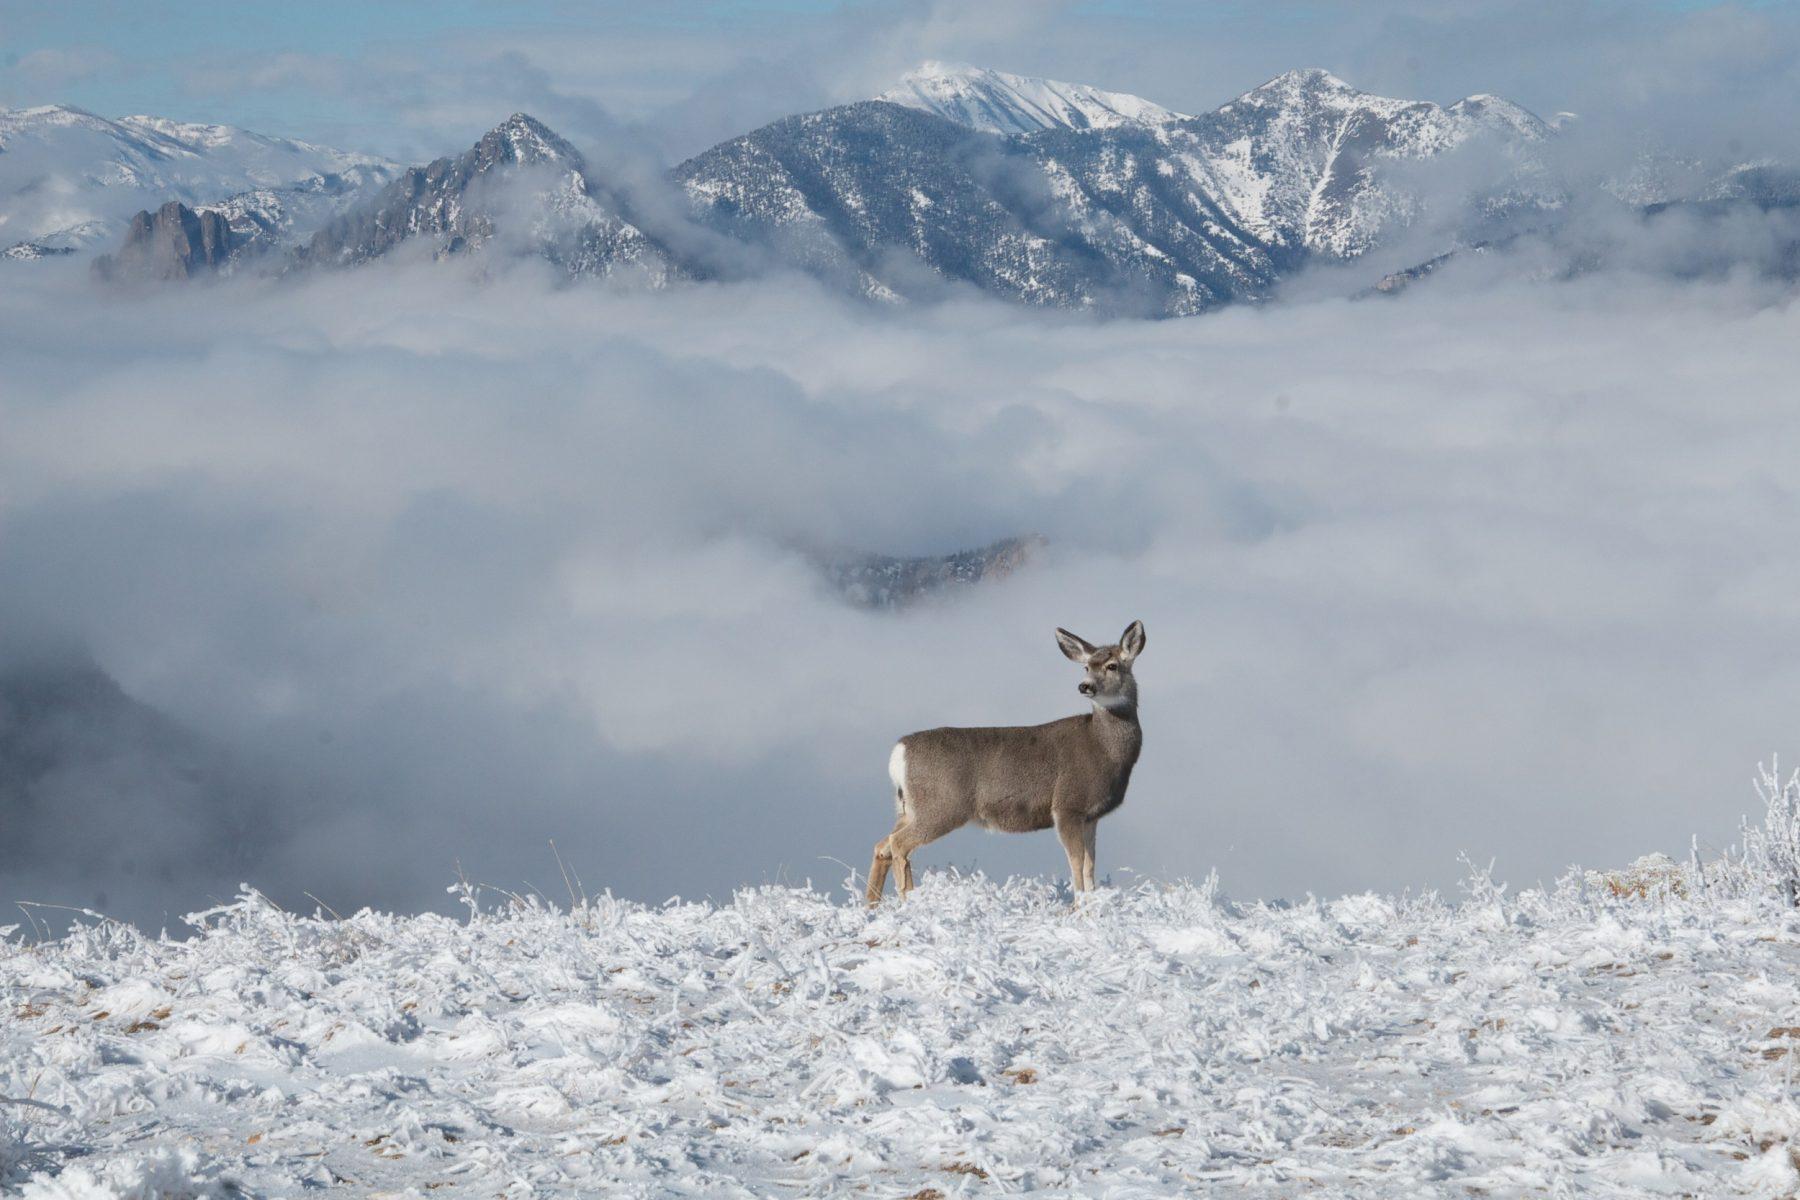 LUCAS SCHWANDT: Wyoming needs leaders